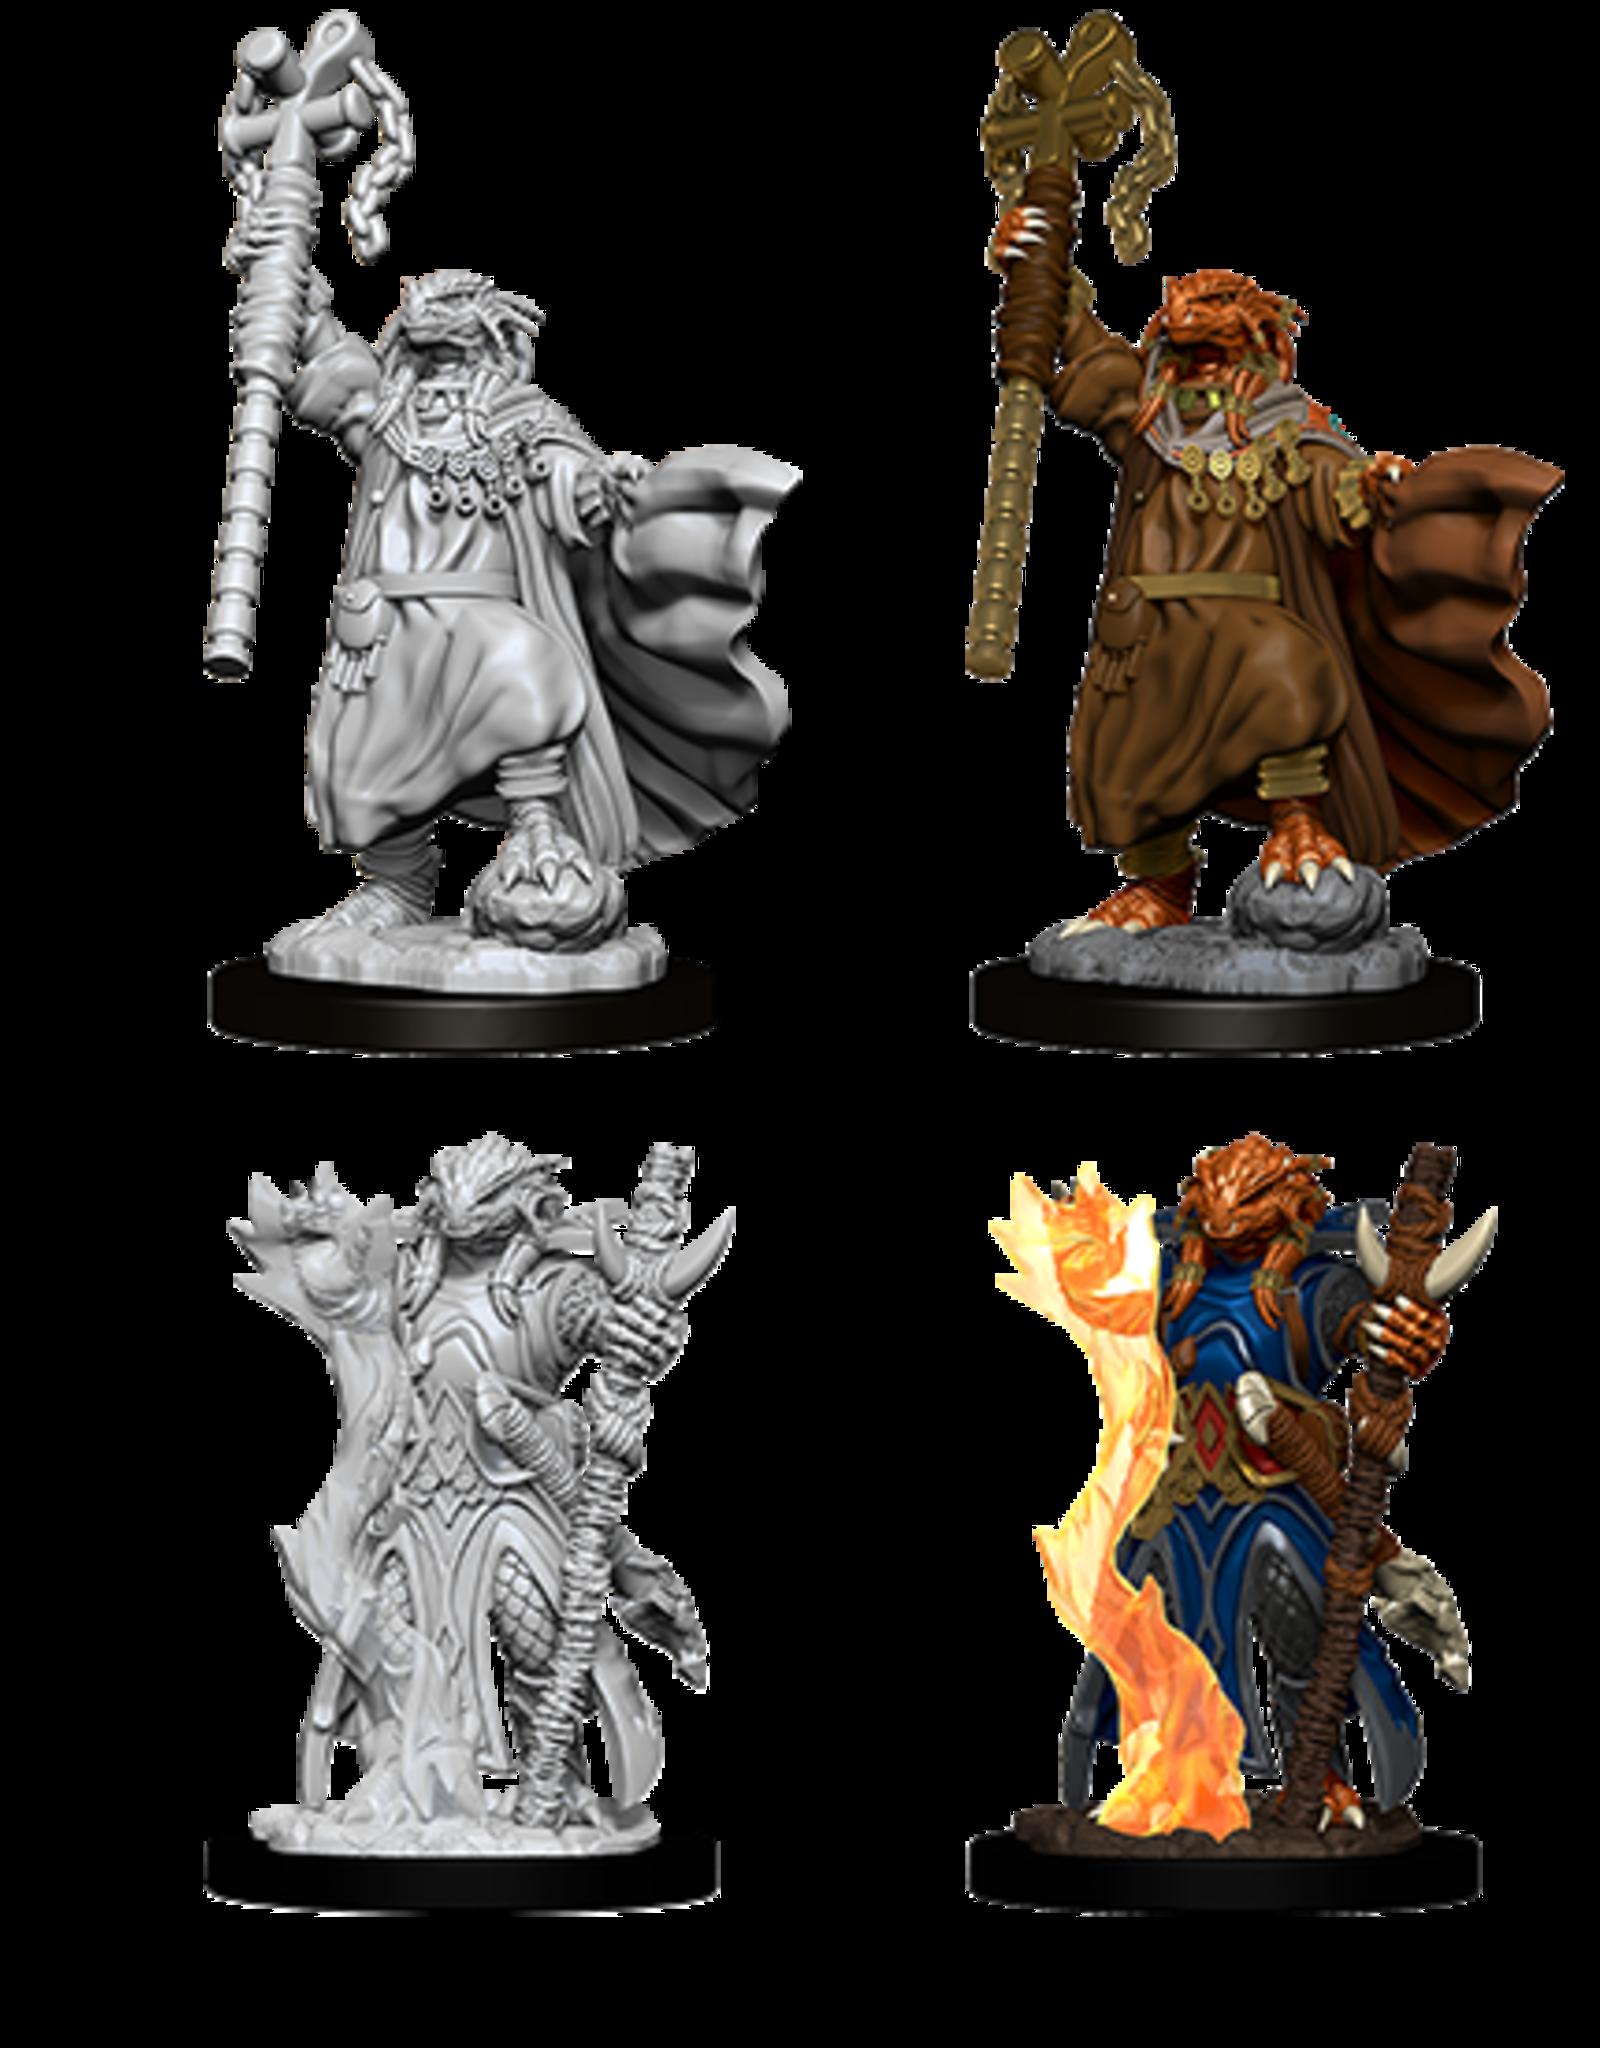 Nolzur's Marvelous Miniatures D&D D&D NMU - Female Dragonborn Sorcerer